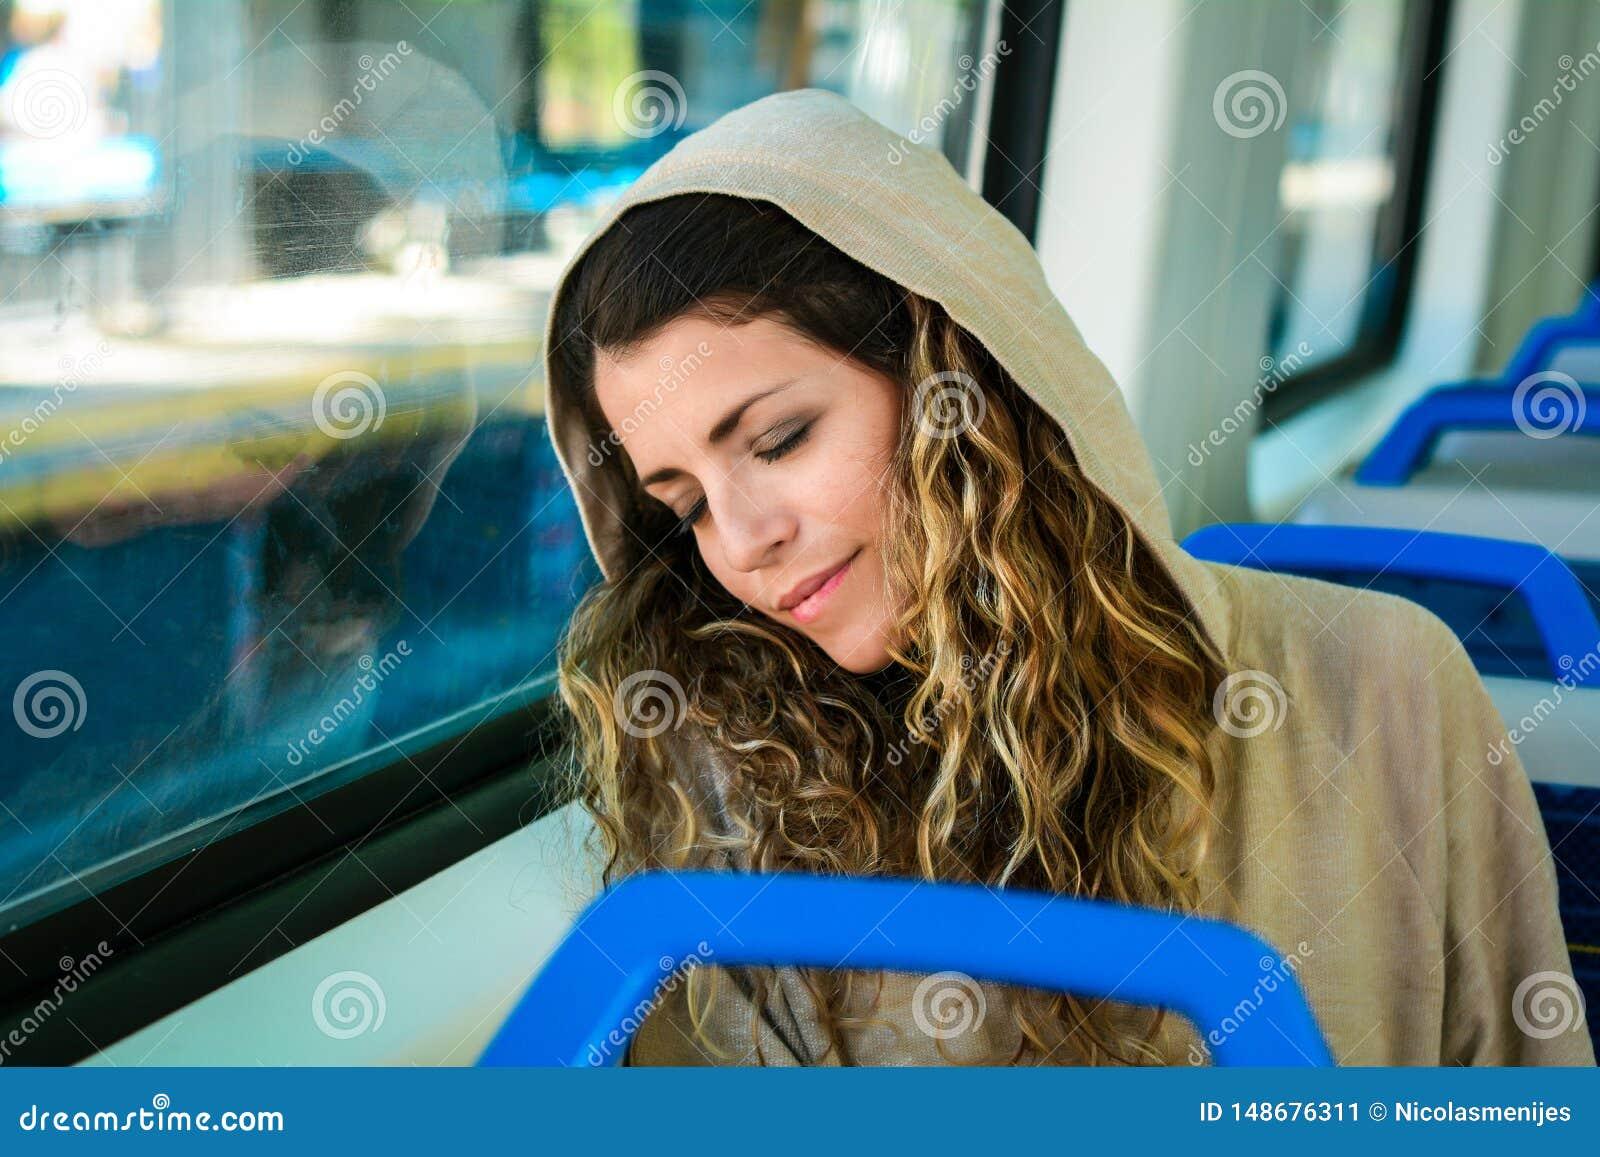 Stedelijke vrouwenslaap in een treinreis naast het venster